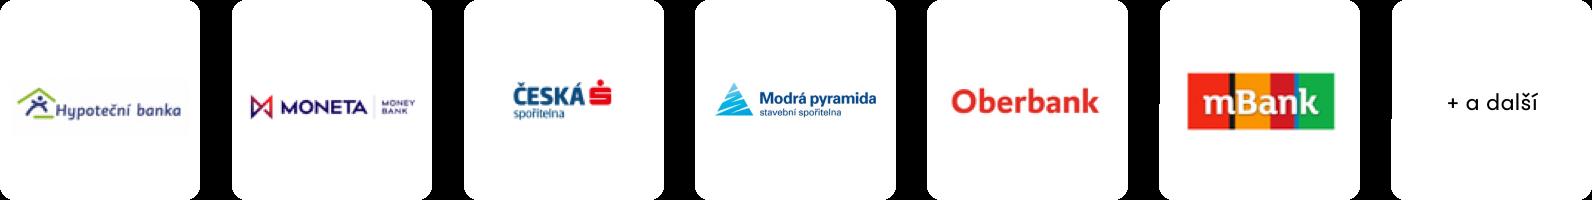 Loga českých bank –Hypoteční banka, Moneta Money Bank, Česká spořitelna a další